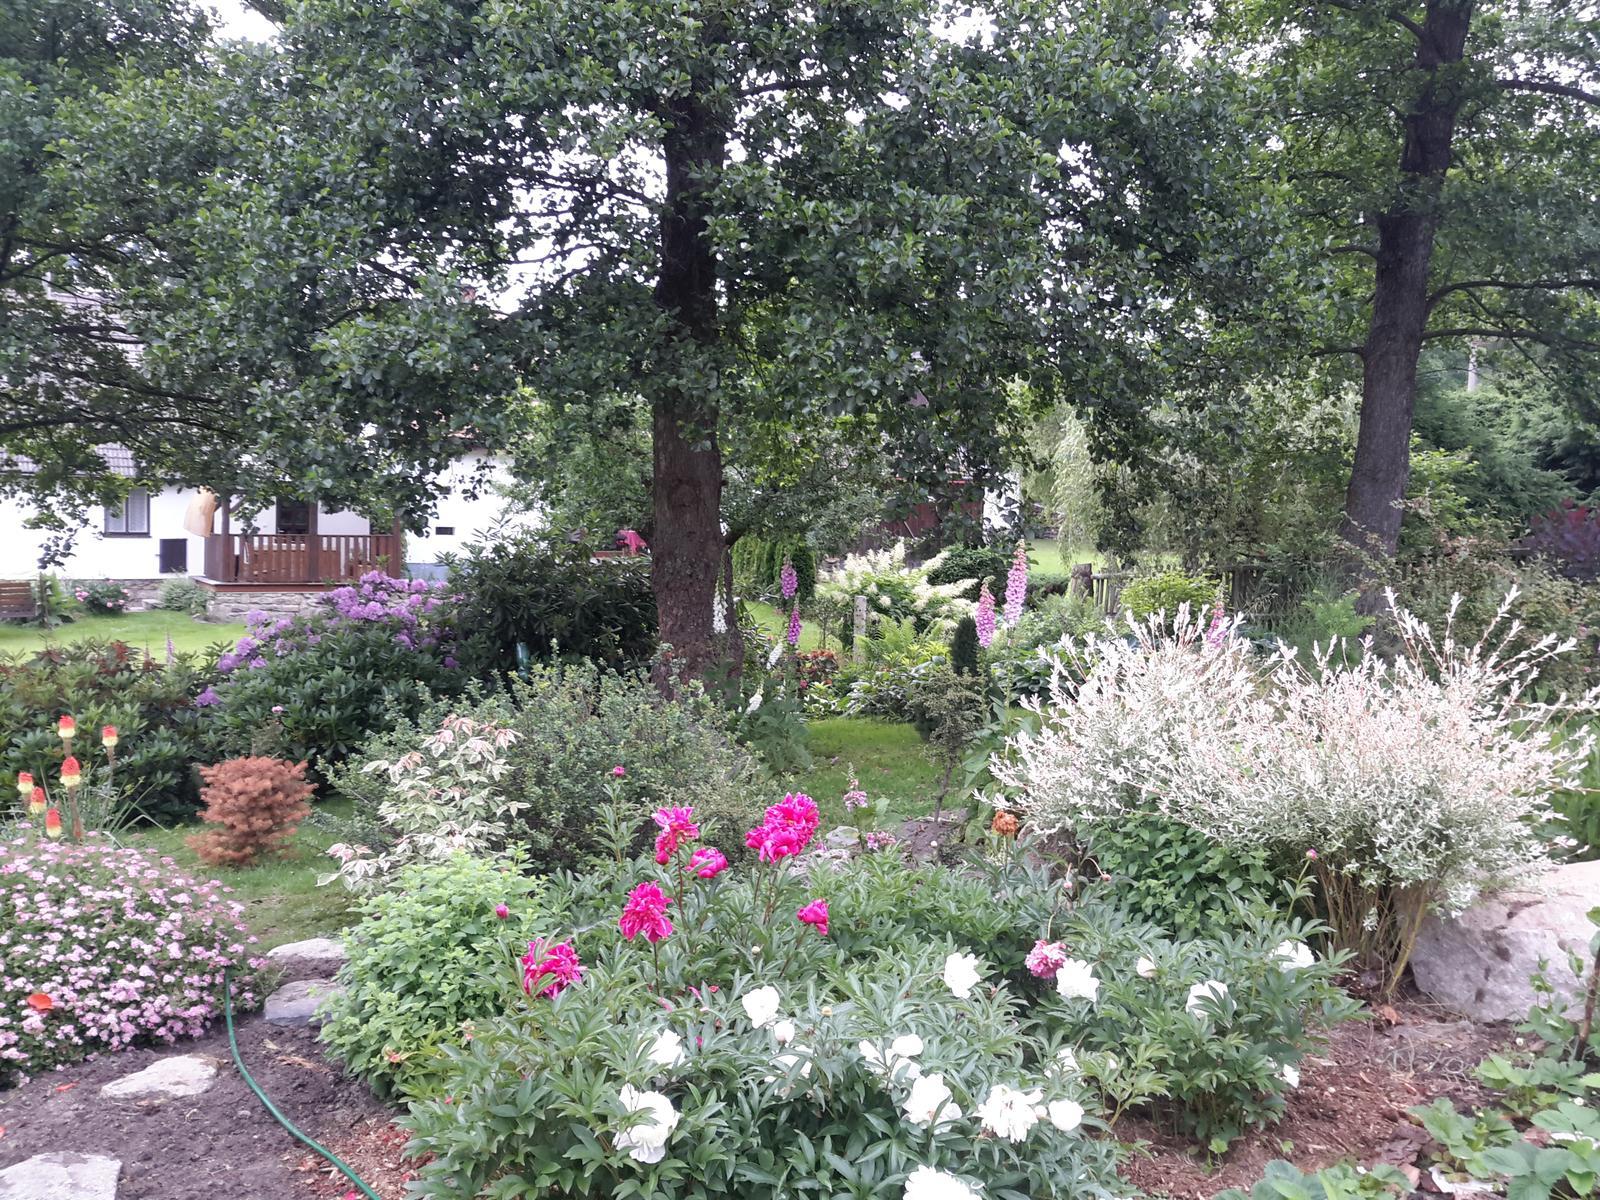 Jihočeská venkovská zahrada. - Pivoňky s jap.vrbou